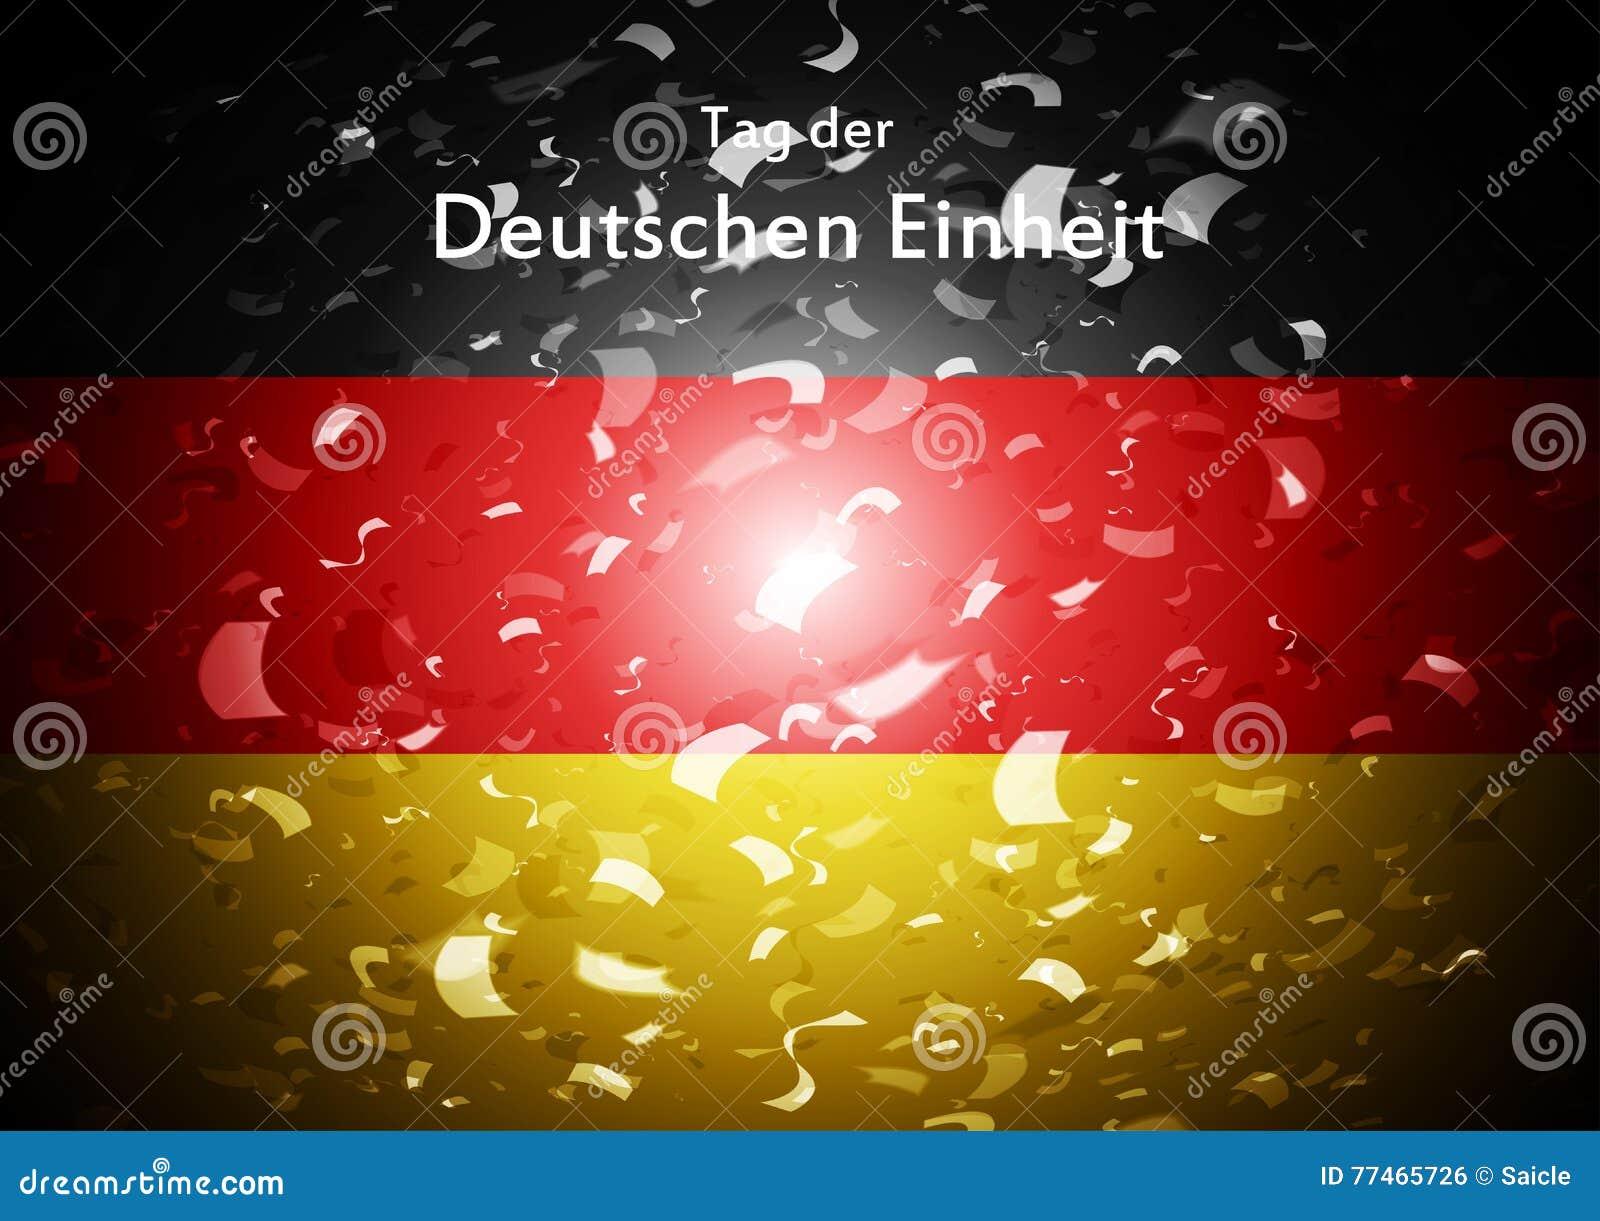 Day Of German Unity Abstract Design. Tag Der Deutschen ...  Day Of German U...